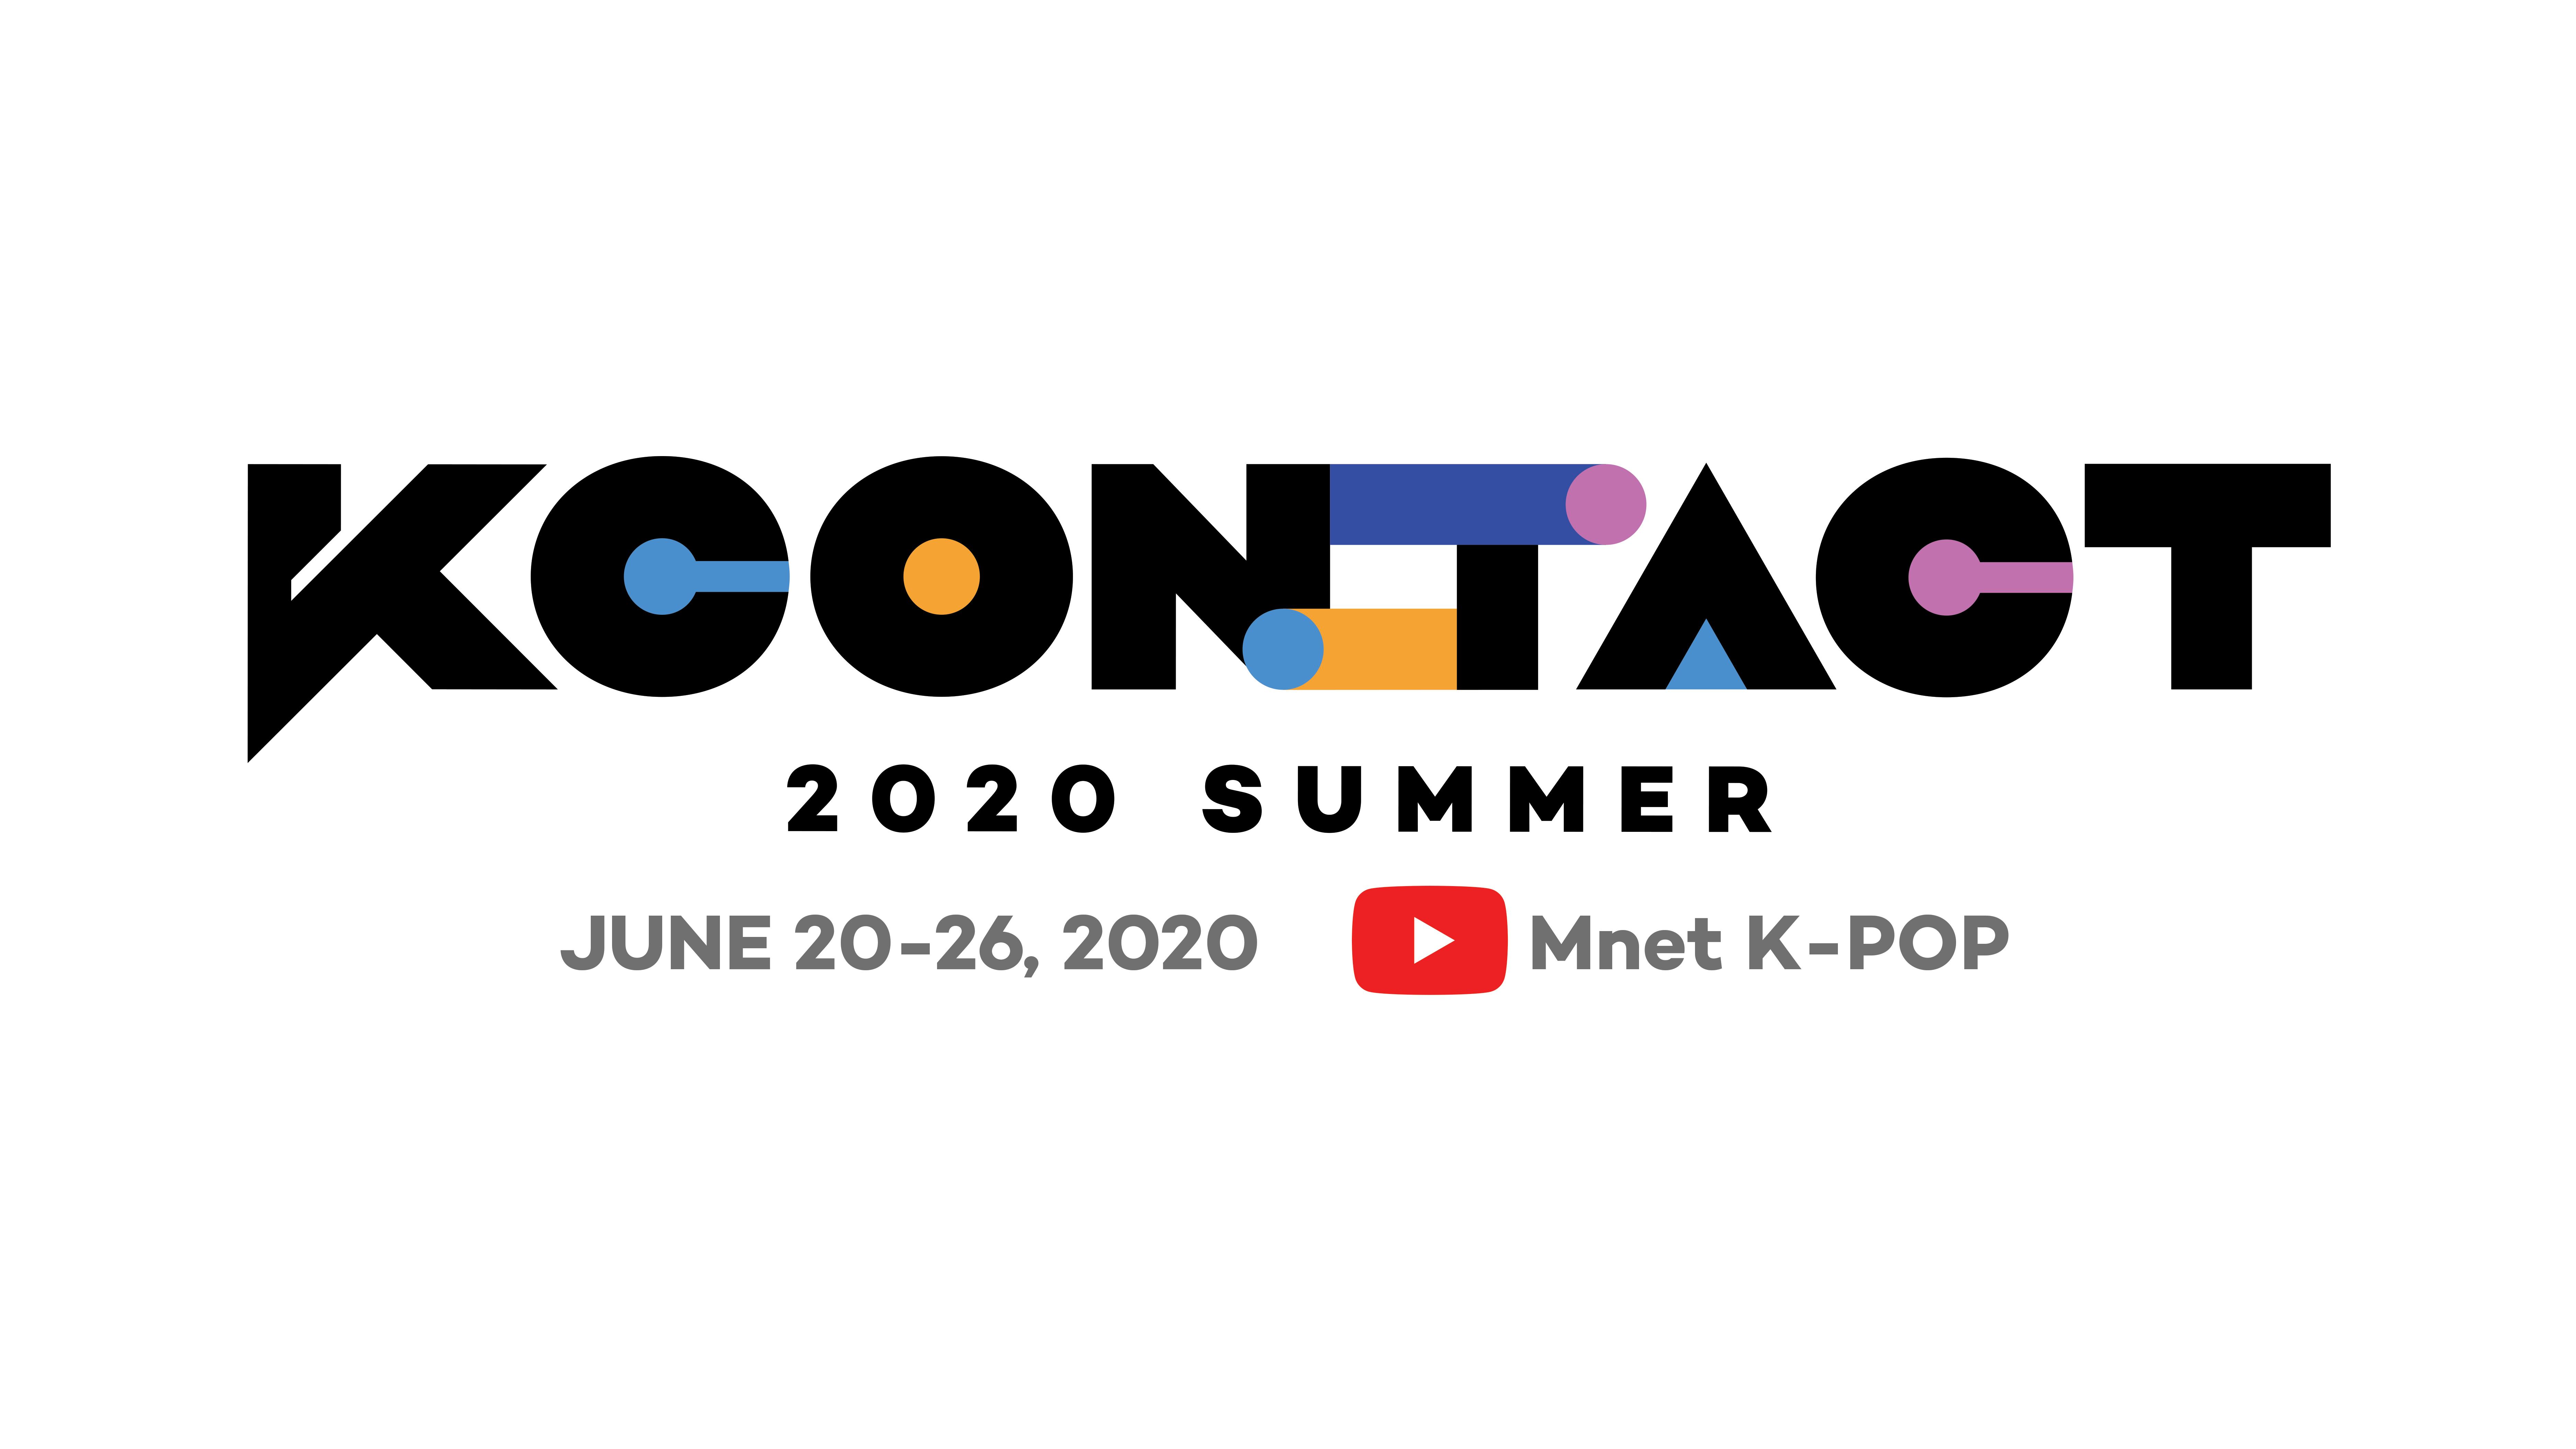 AR技術、最先端CGを組み合わせた仮想空間でのコンサート「KCON:TACT 2020 SUMMER」開催